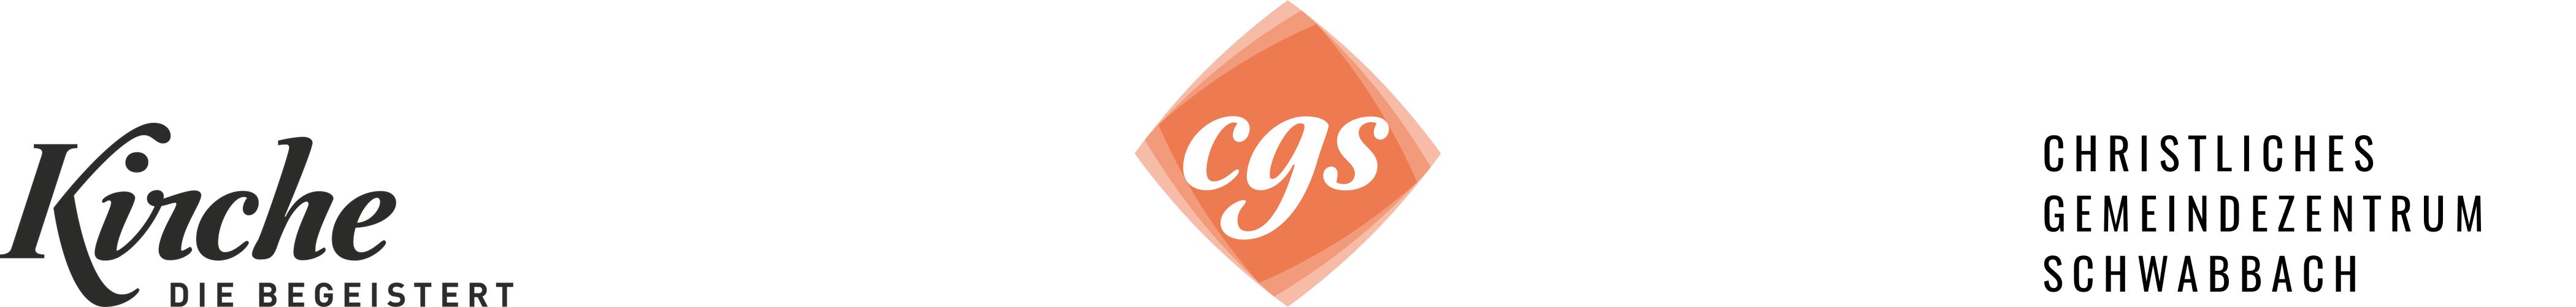 CGS Schwabbach - Christliches Gemeindezentrum Schwabbach